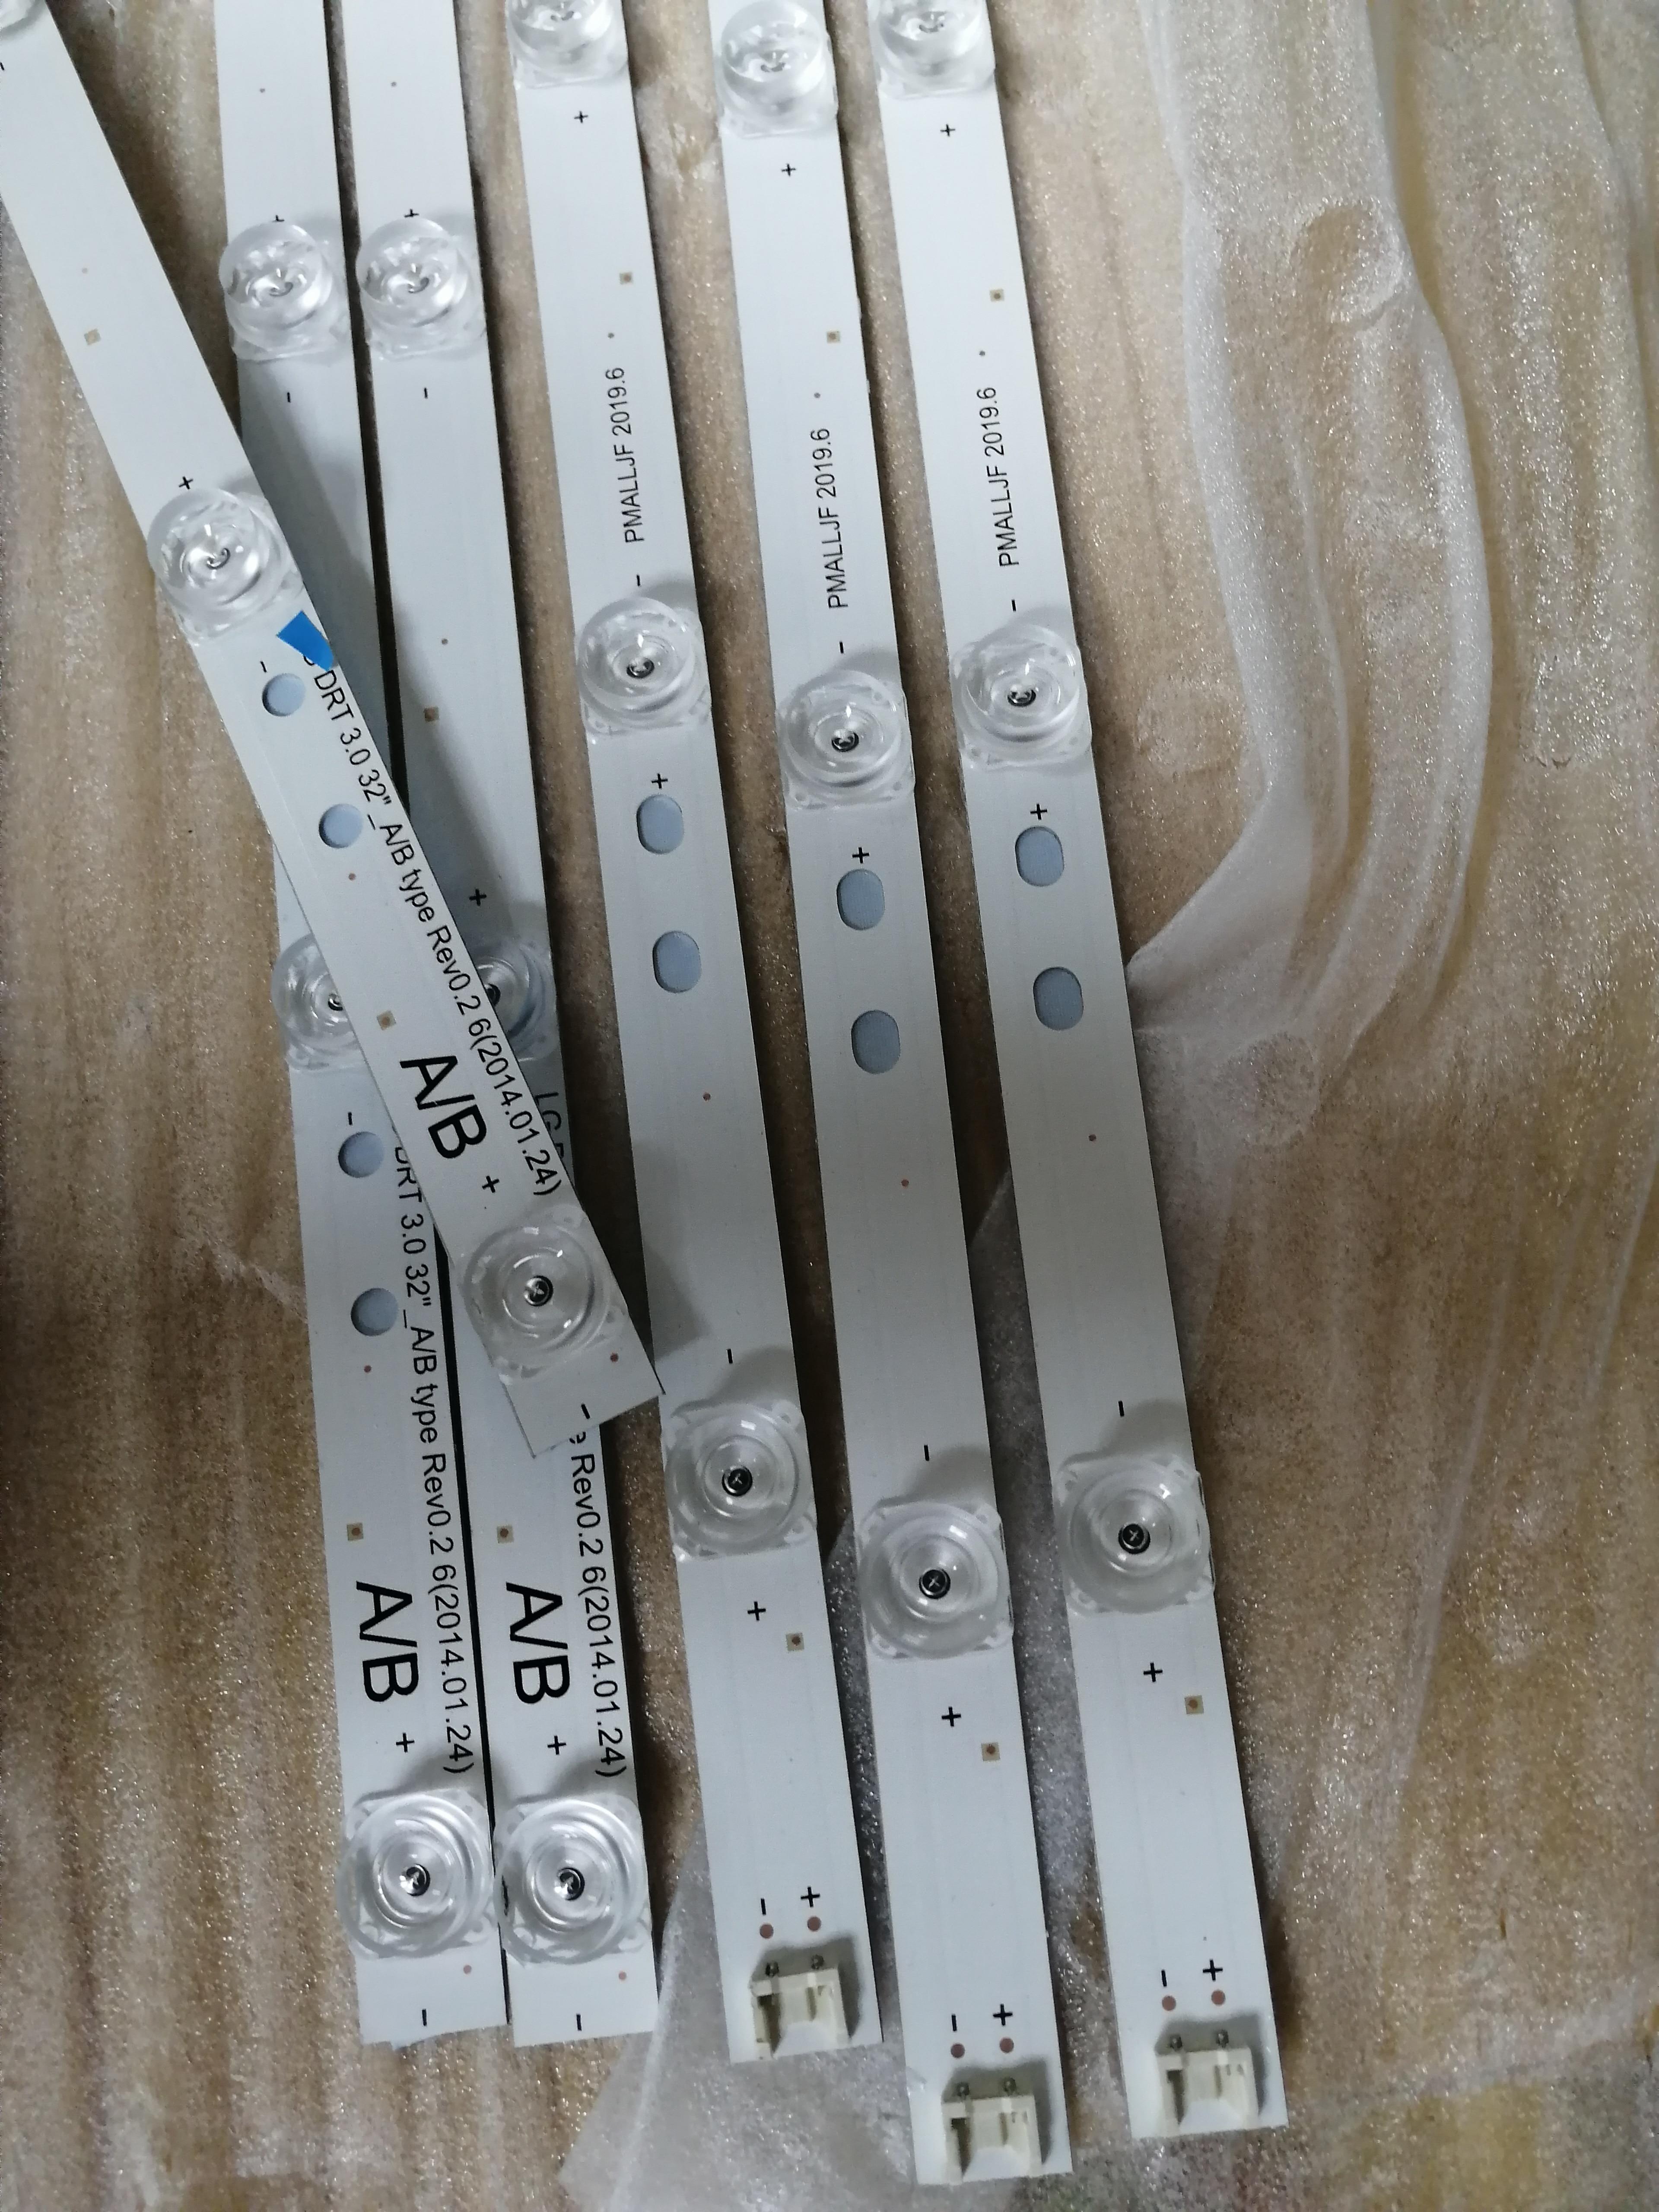 3PCS new 6916L-1974A 6916L-1975A 6LED STRIP DRT 3 0 32-A B  6916L-1703A 6916L-1704A 6916L-2223A 6916L-2224 FOR 32LB5610-CD   GLB